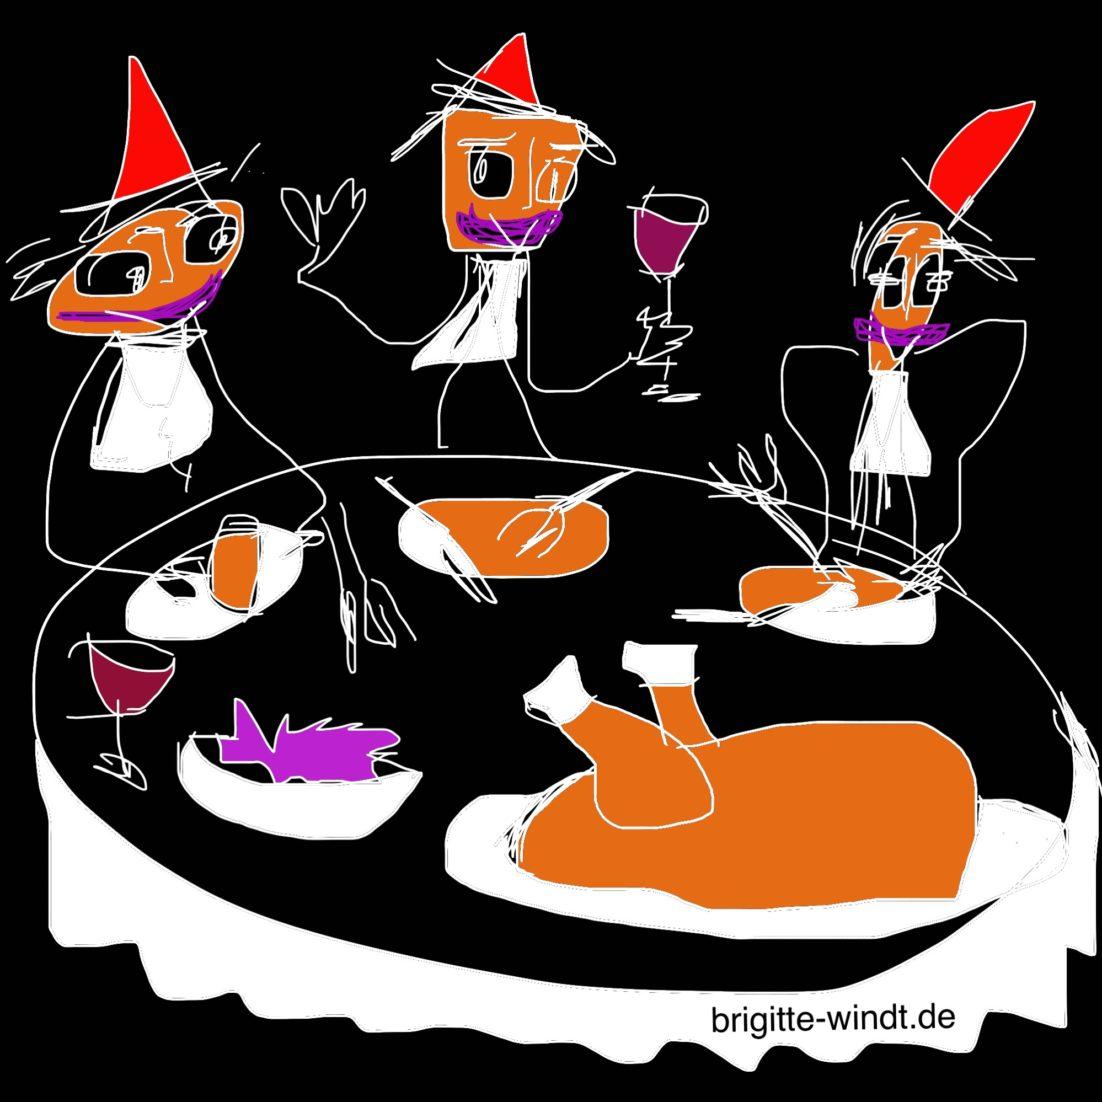 ELFTER ELFTER Brigitte Windt. Drei muntere Jecken am Tisch verspeisen Gans mit Blaukraut.